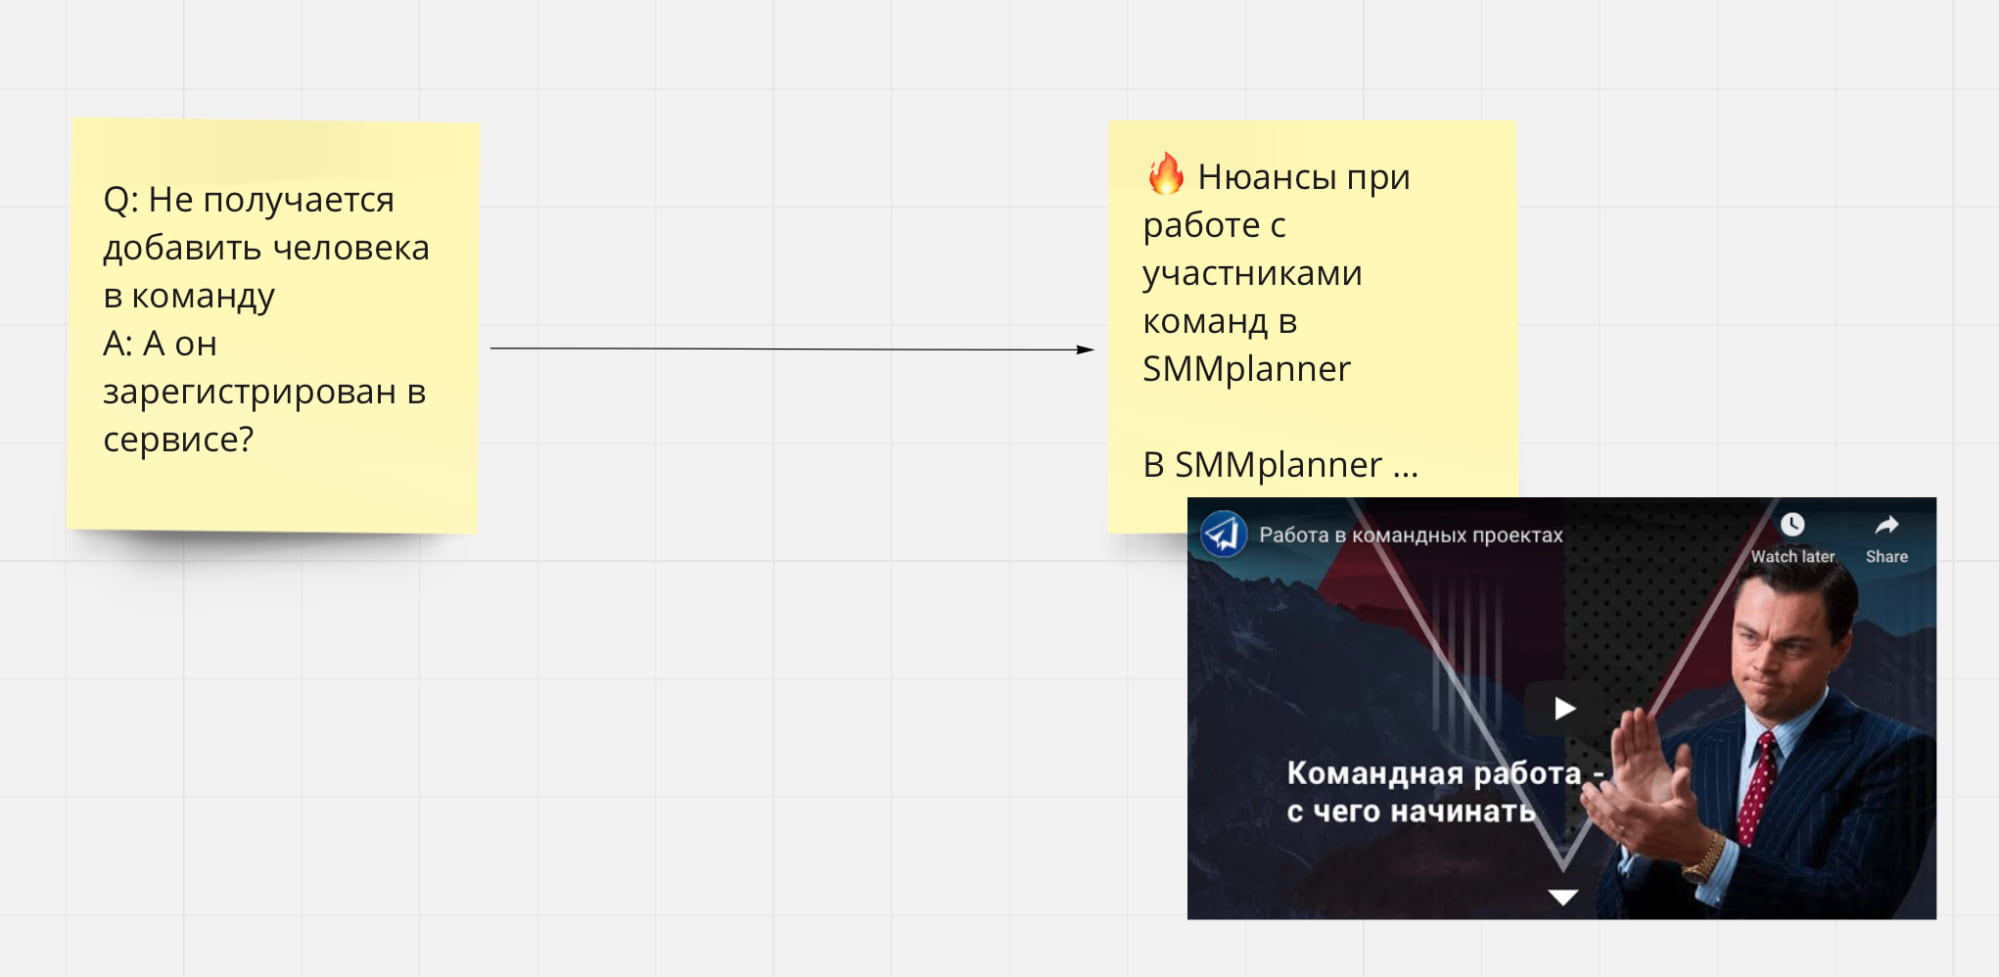 Пример работы с полуфабрикатом — у техподдержки SMMplanner есть популярные вопросы и согласованные скрипты ответа. Их используют для создания постов и видео